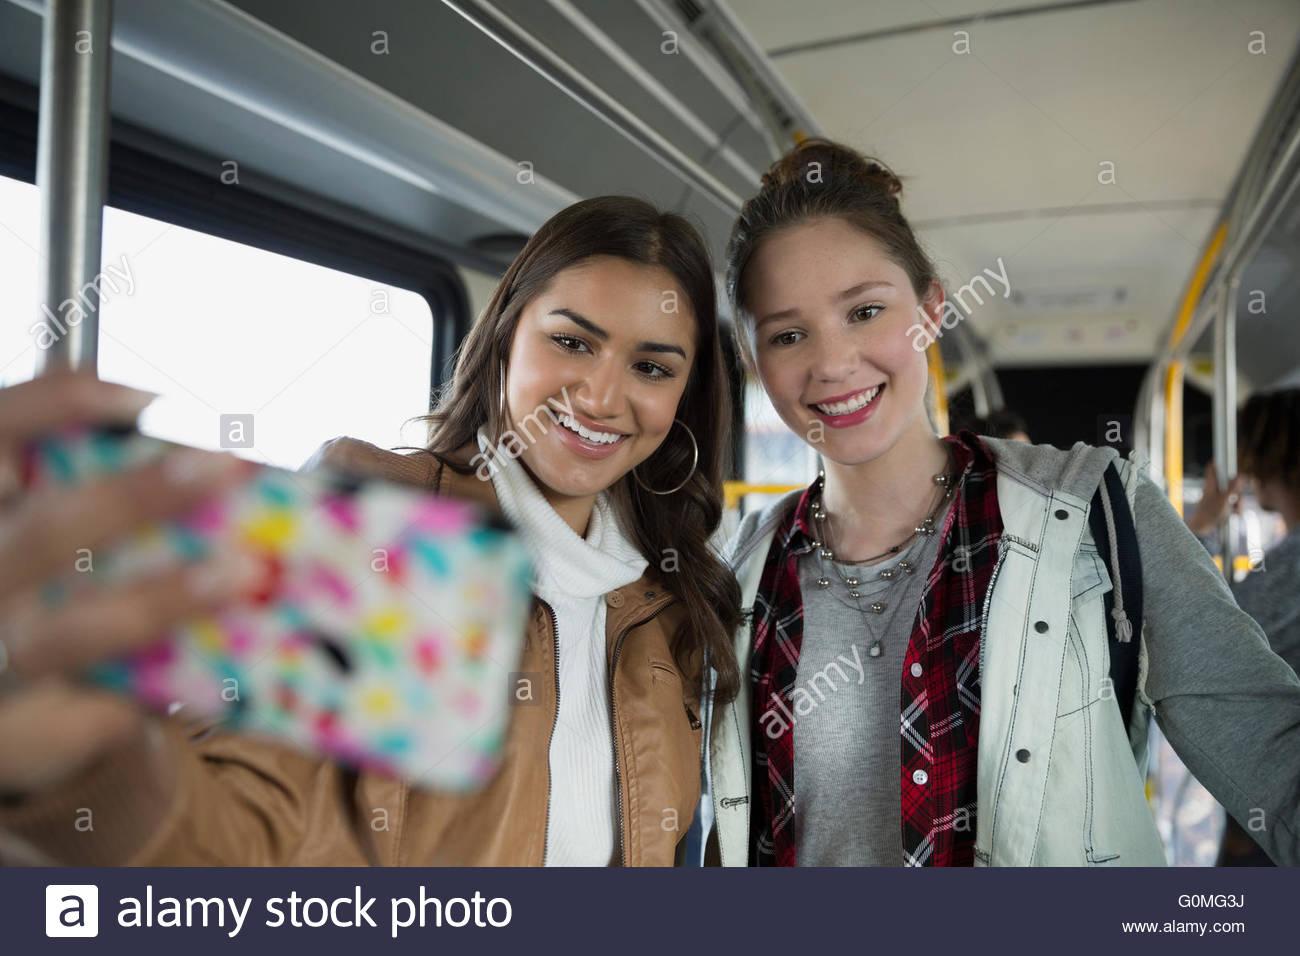 Las adolescentes teniendo selfie celular en bus. Imagen De Stock